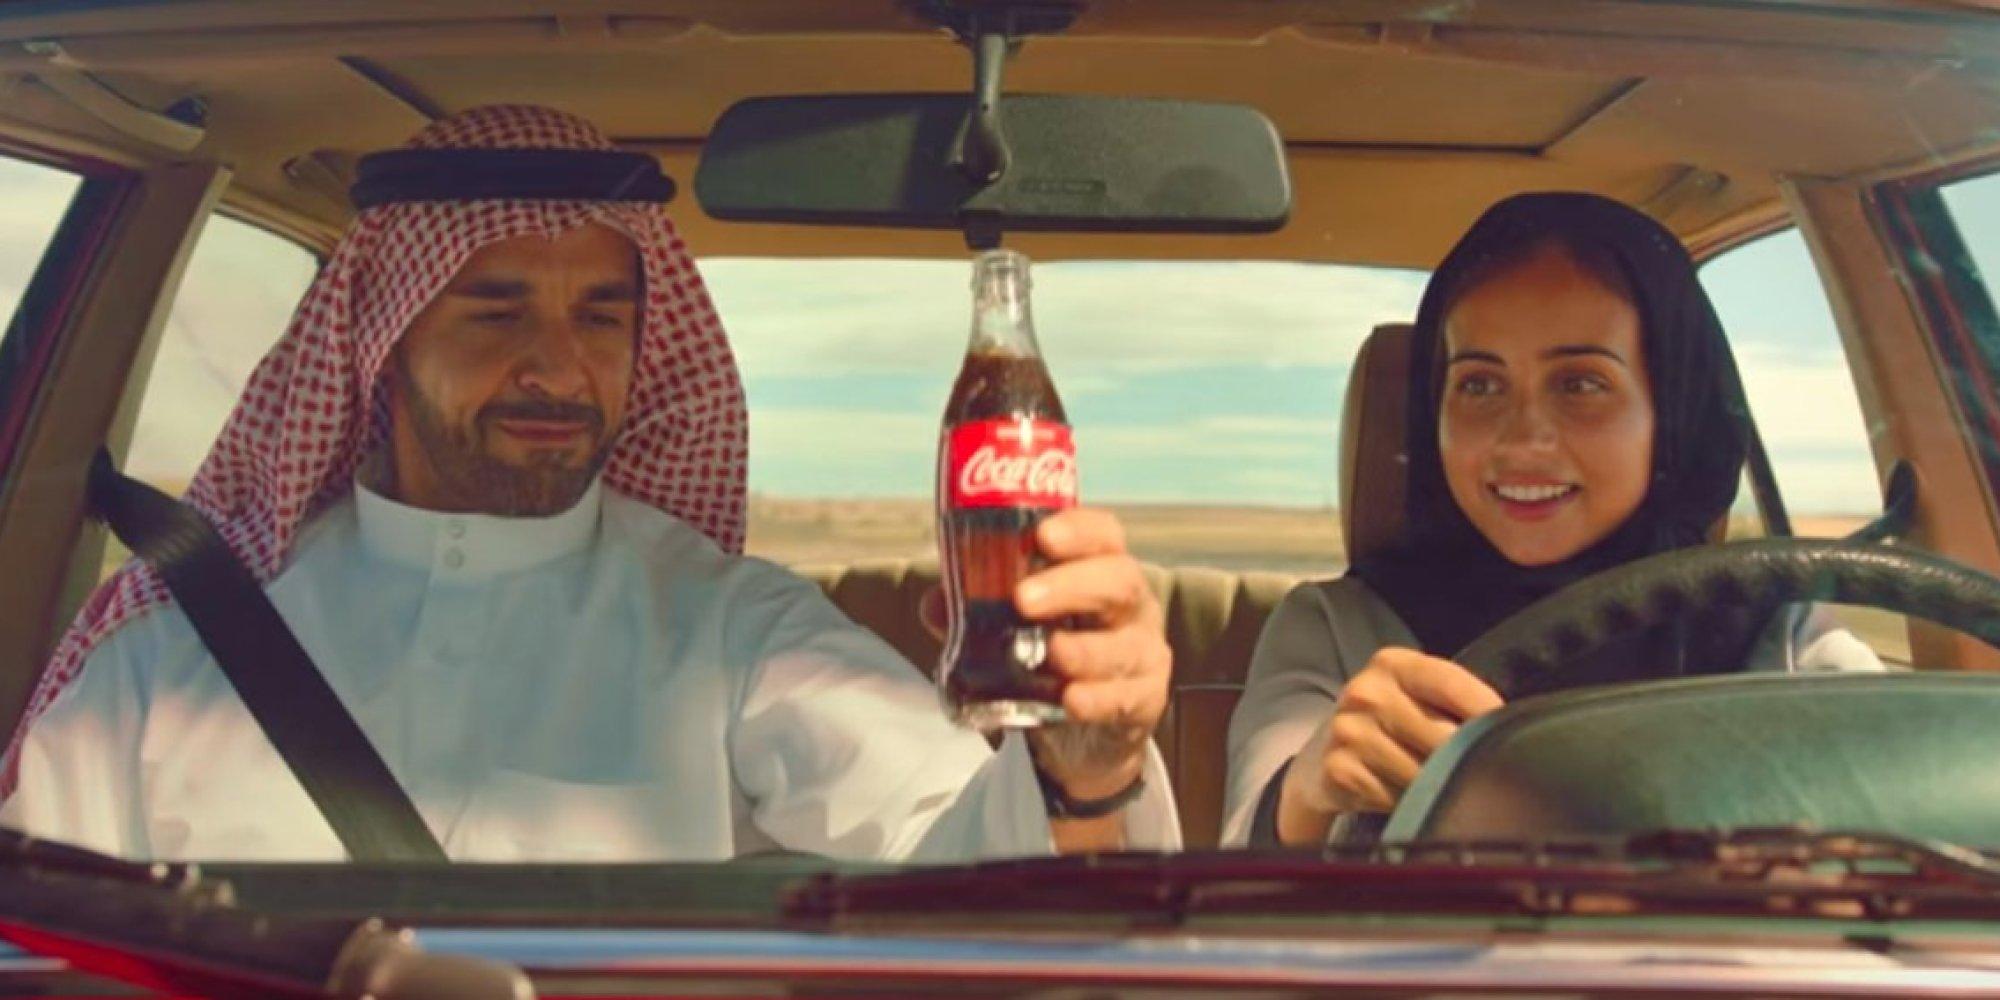 DIA-Coca cola ARABIE